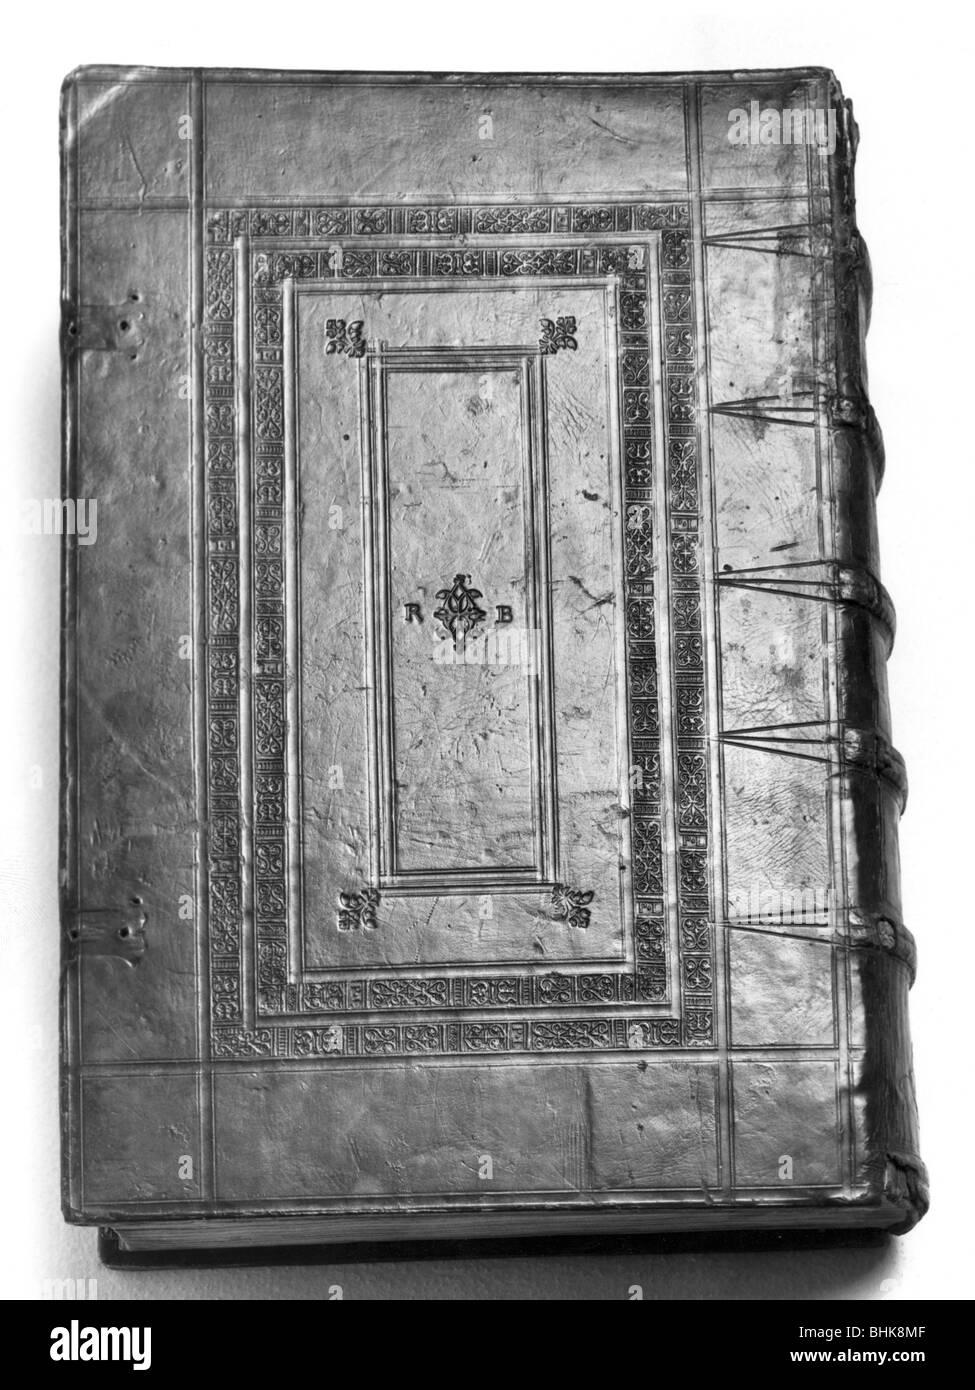 Talmud, 1980. Artist: Sidney Harris - Stock Image